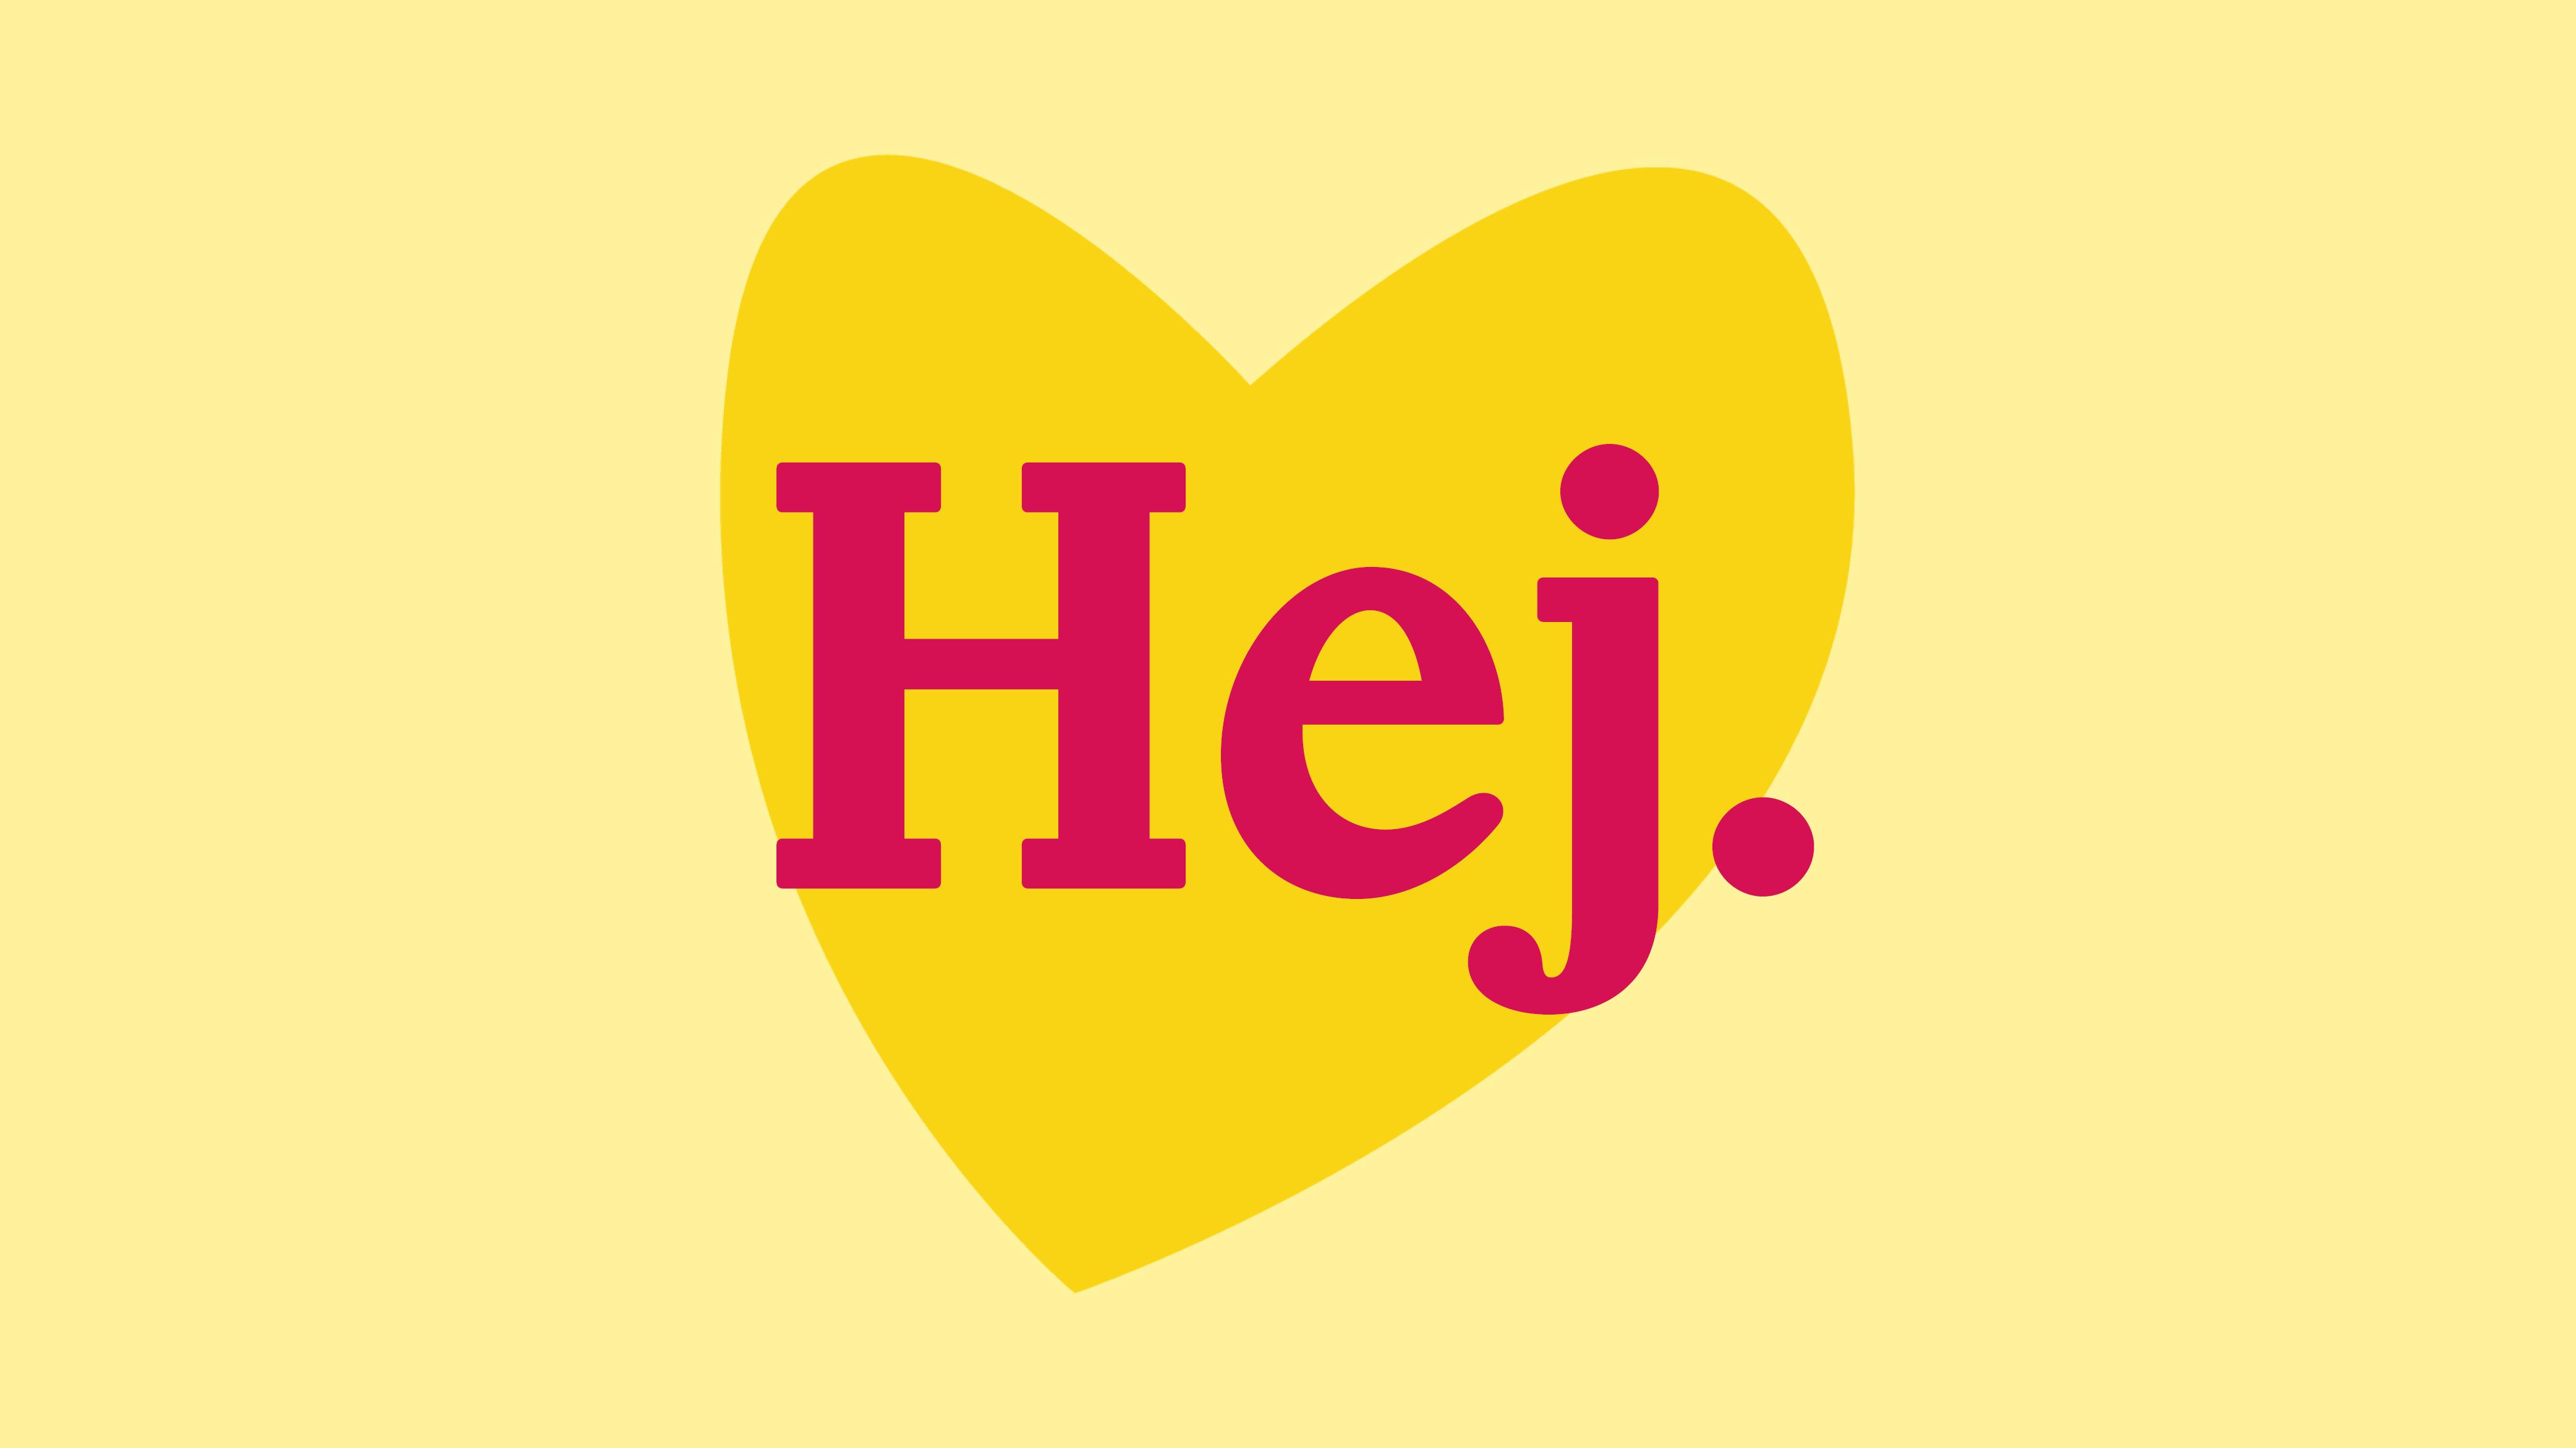 """ett hjärta som det står """"Hej"""" i."""